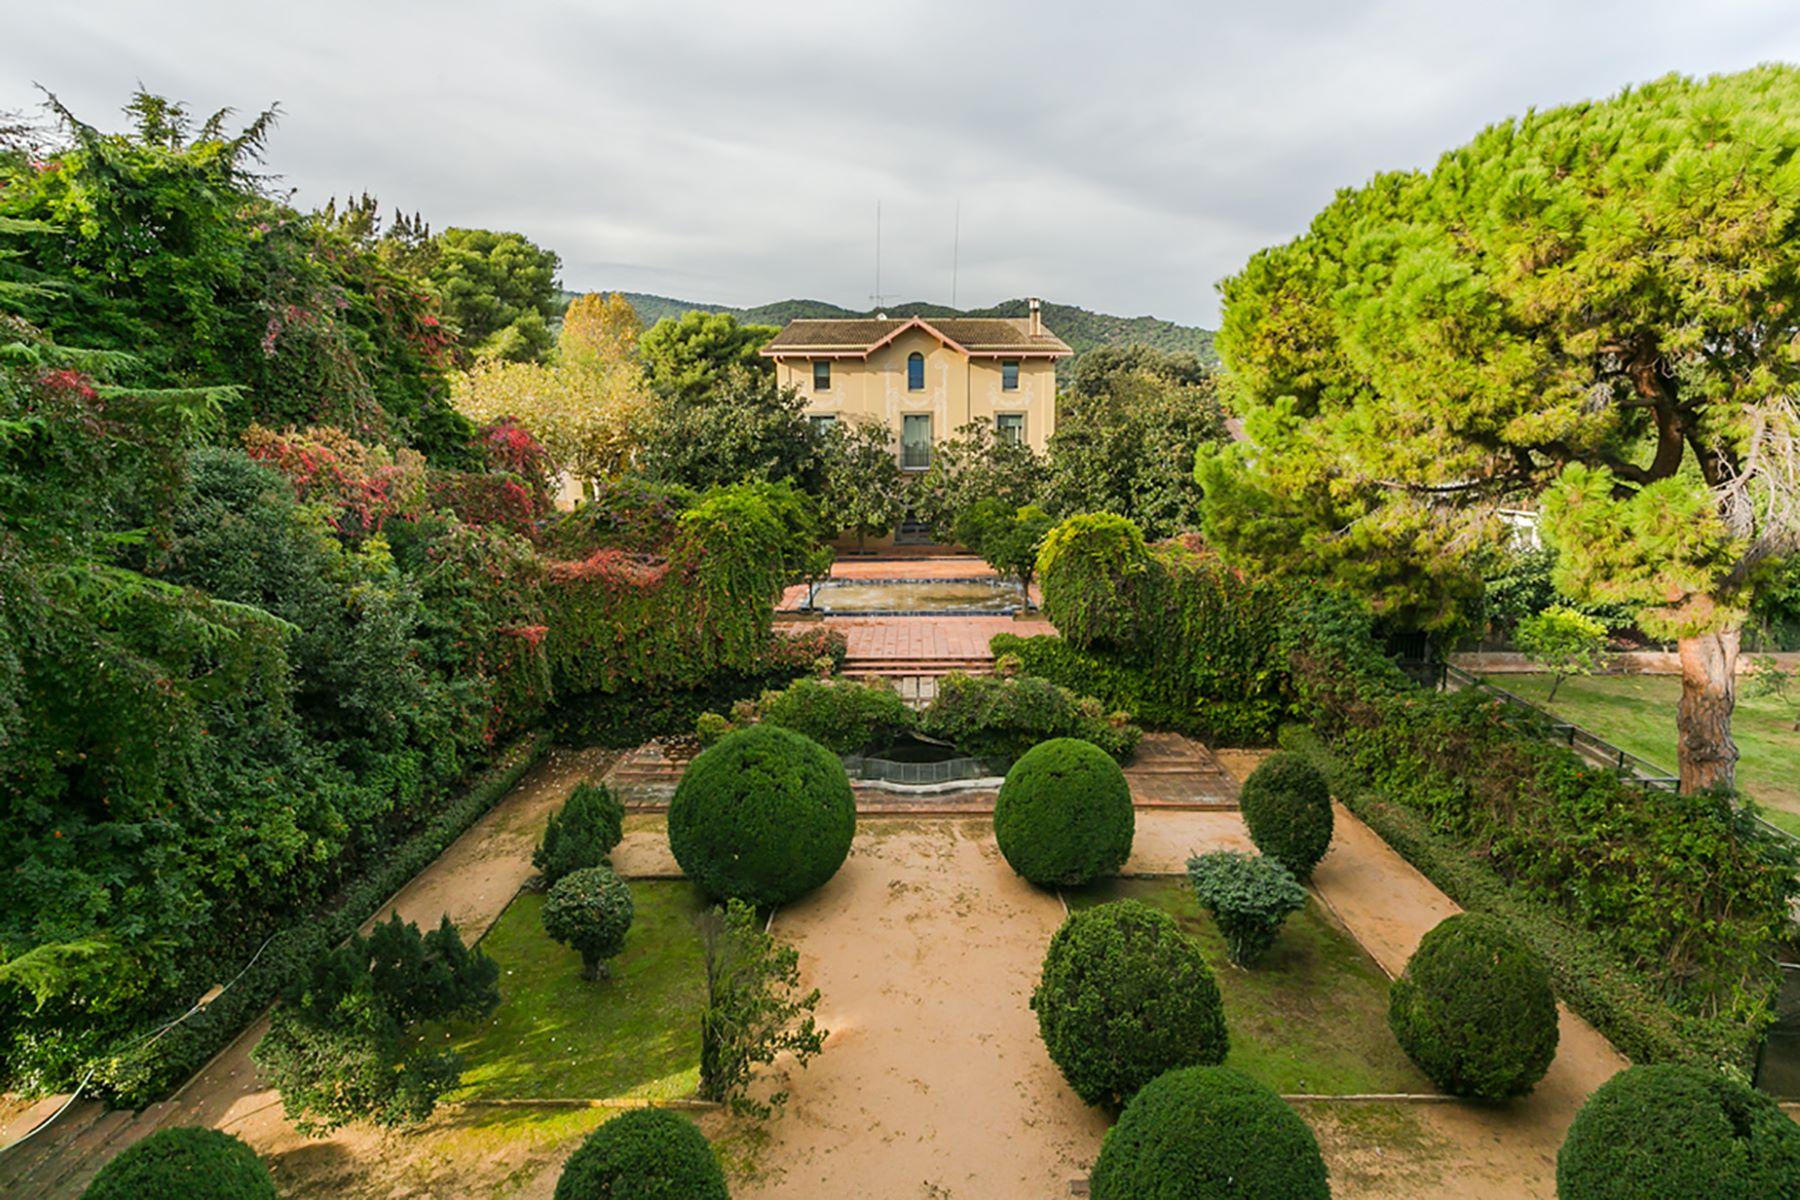 Maison unifamiliale pour l Vente à Luxury Chateu on 3.6 Hectares Just Minutes from Barcelona Vilassar De Mar, Barcelona, 08340 Espagne